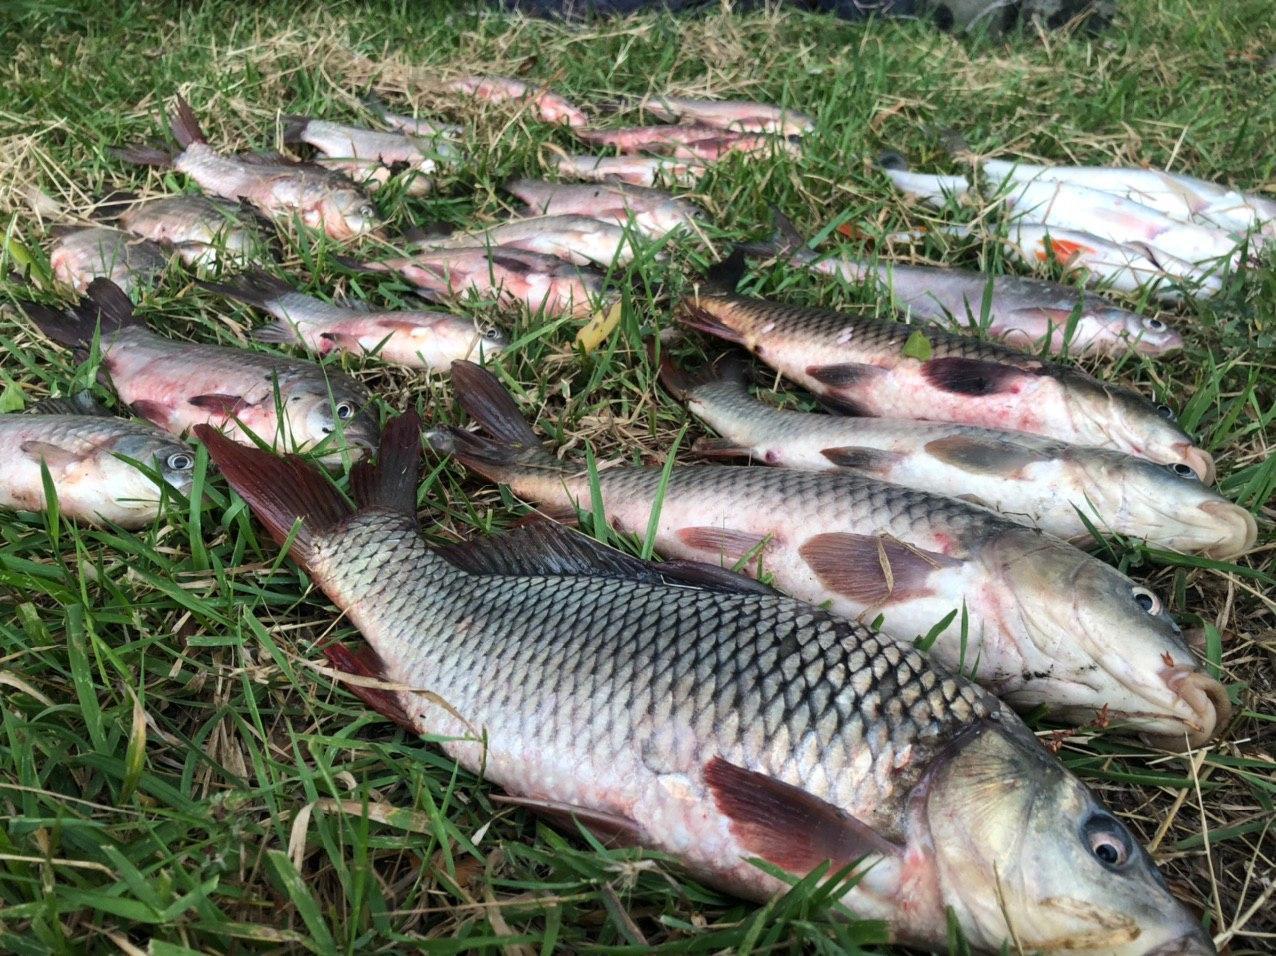 Верховна Рада хоче збільшити штрафи за браконьєрство -  - Malvanyj ryba